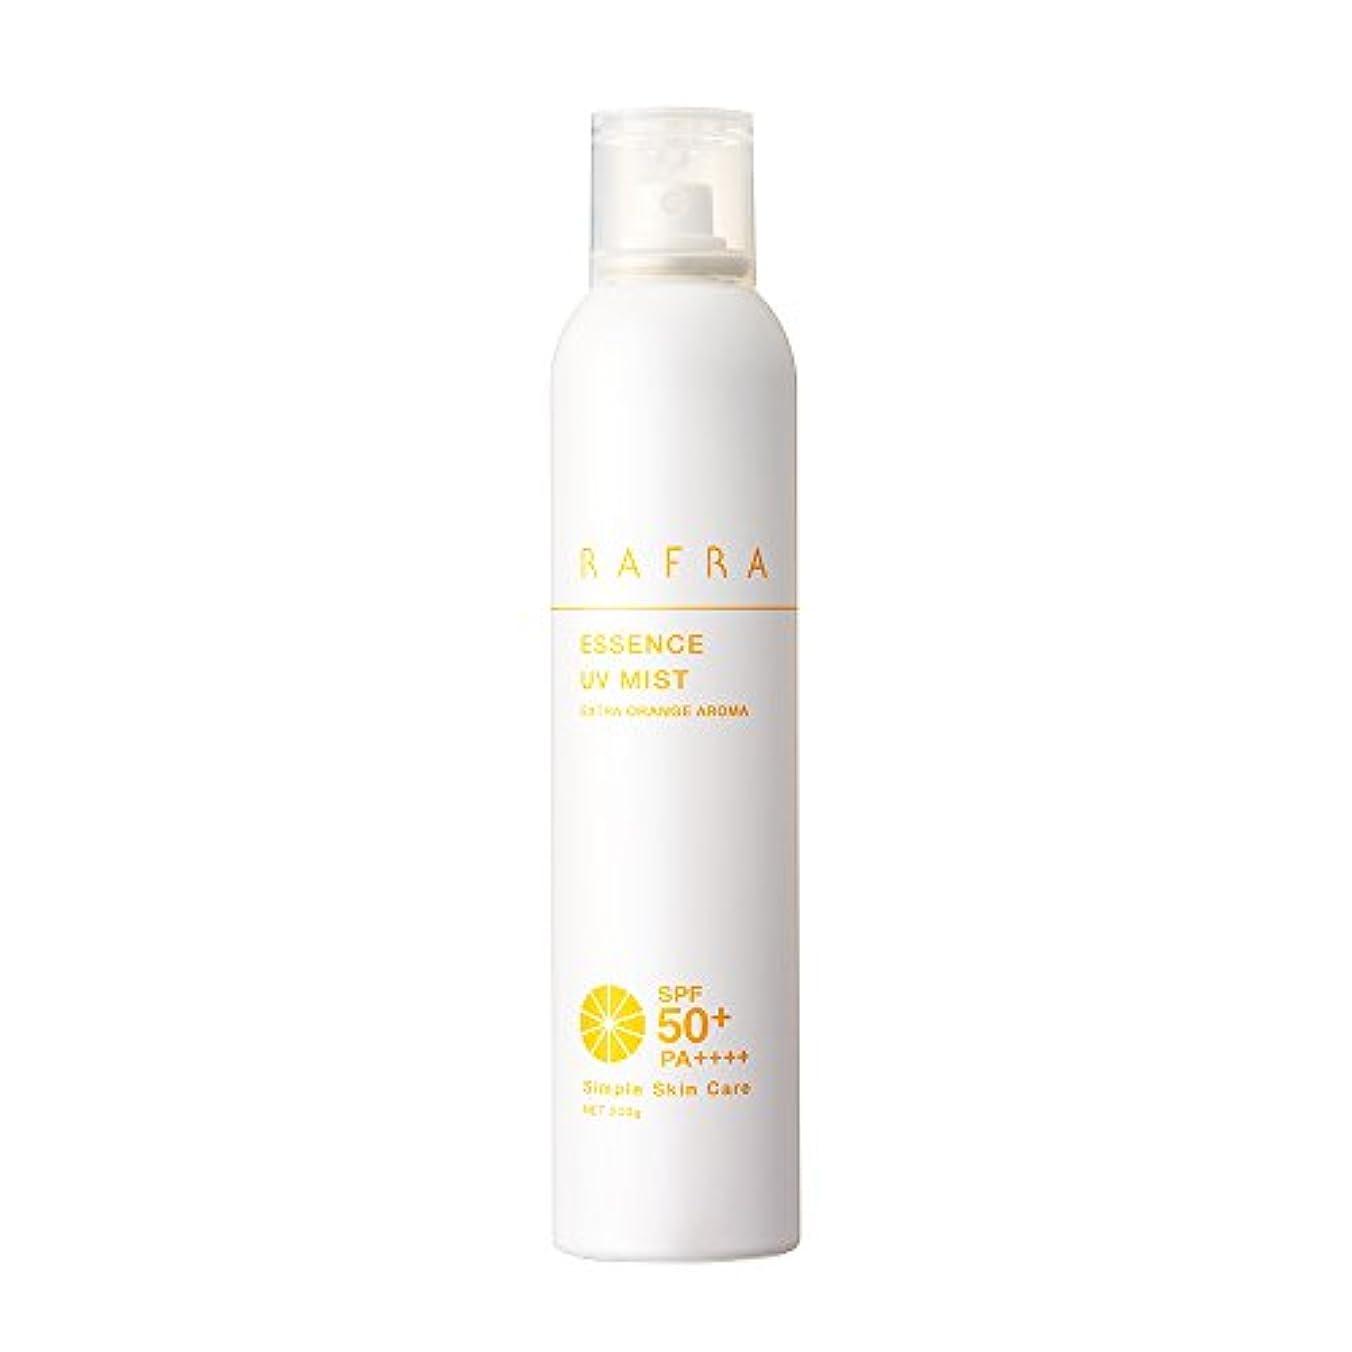 芽忌避剤ベックスラフラ エッセンス UVミスト 200g SPF50+ PA++++ 日焼け止めスプレー